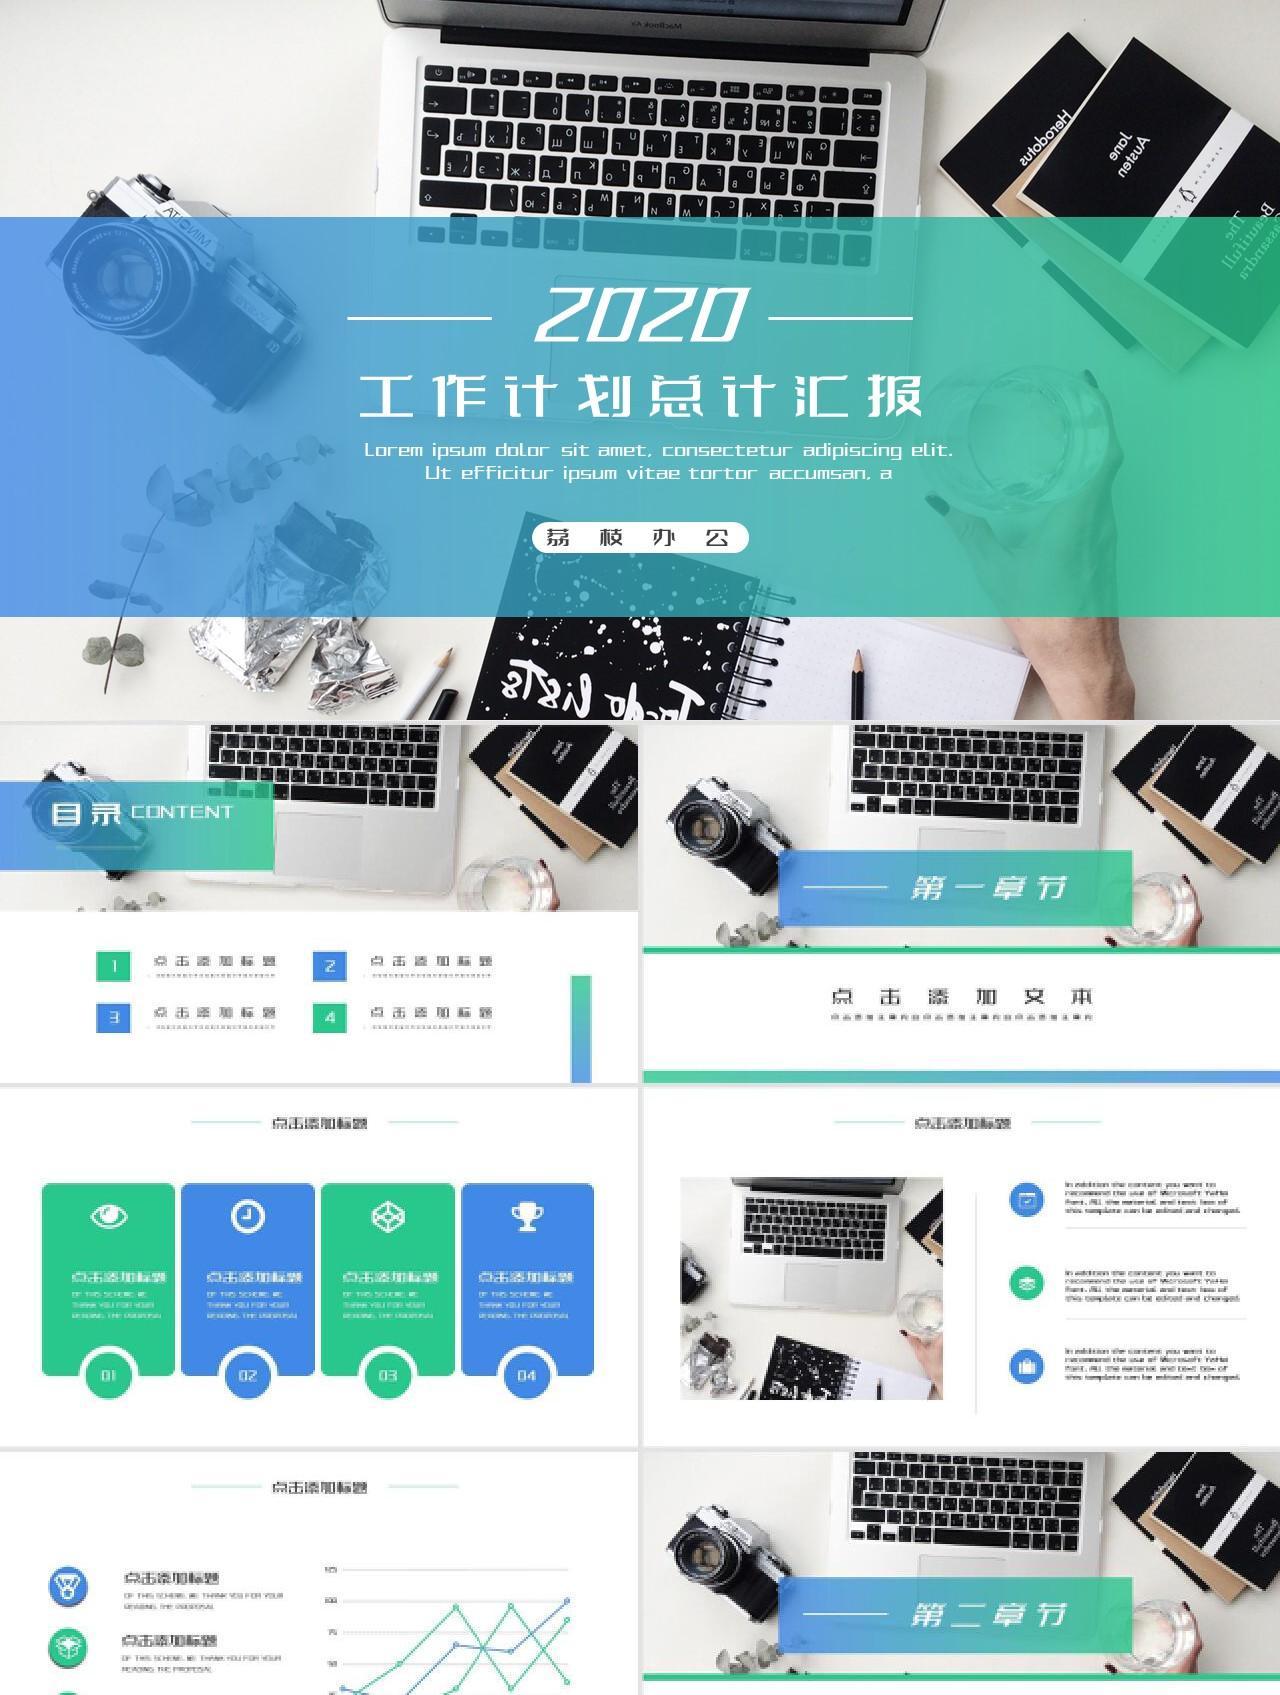 创意设计2020工作总结计划汇报PPT幻灯片模板